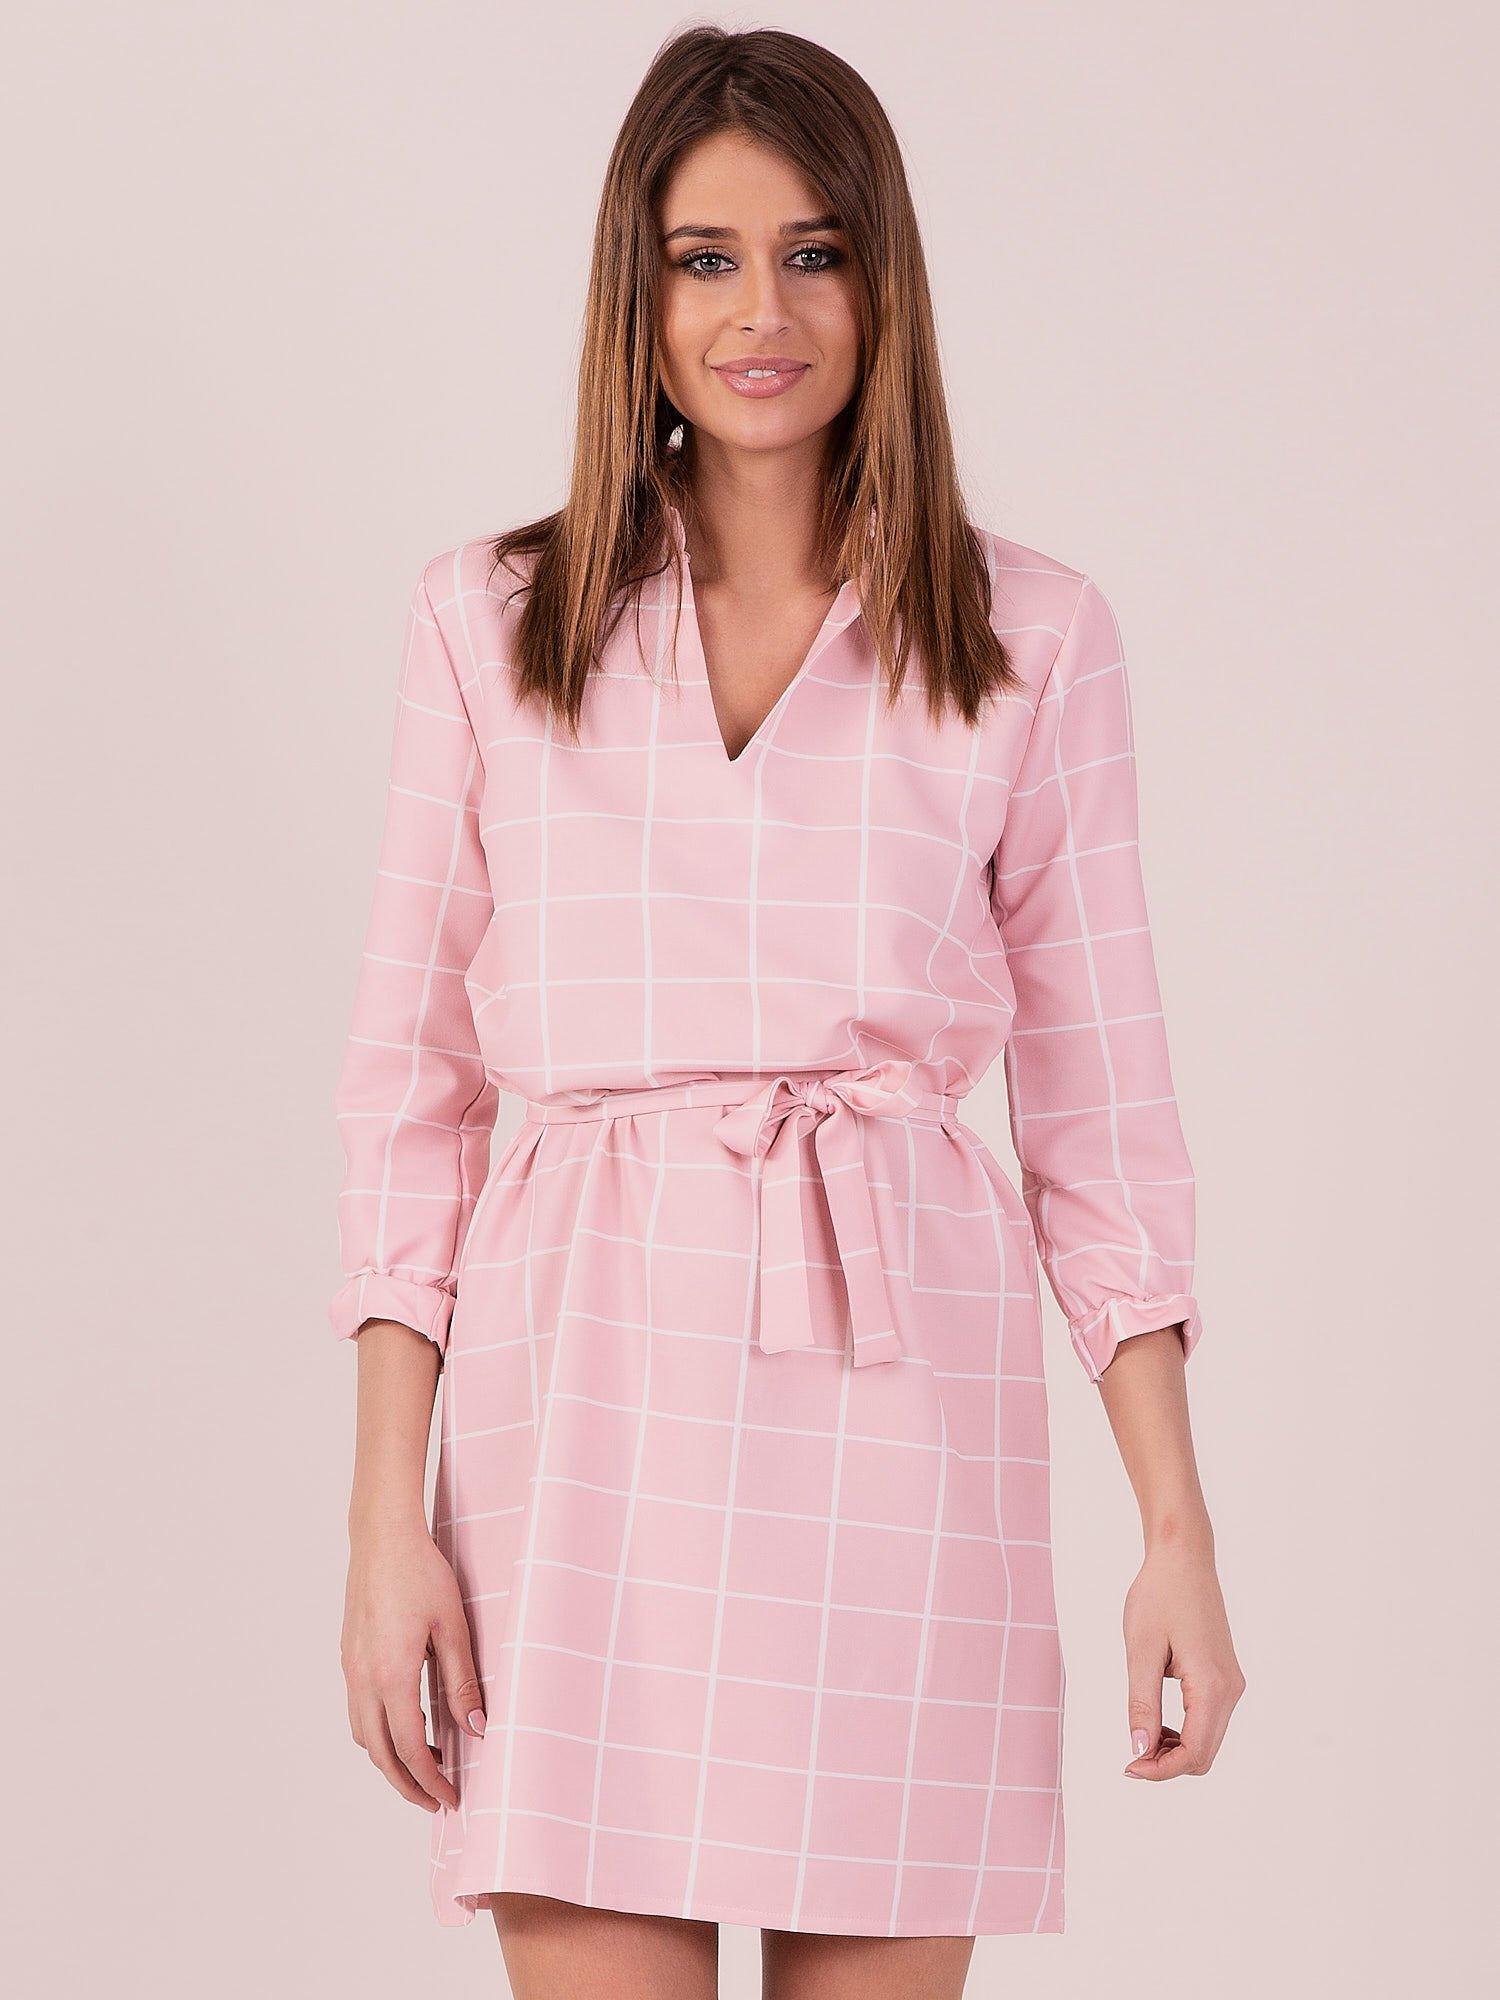 fd45da67e7 Sukienka różowa w kratę z paskiem - Sukienka koktajlowa - sklep ...